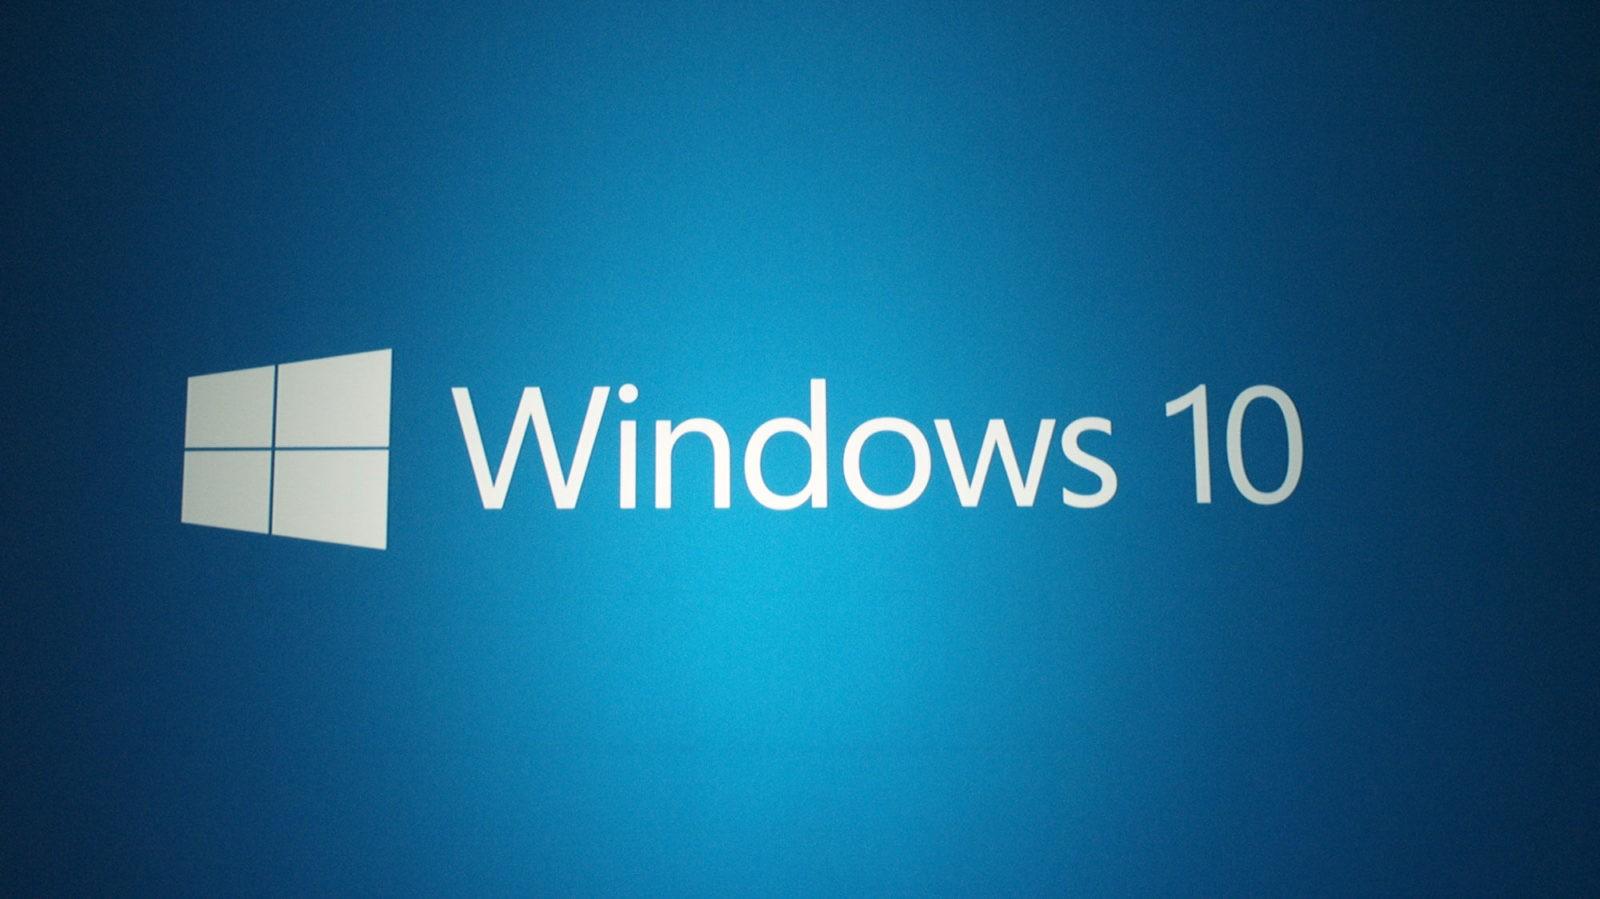 Windows 10 Sürüm Numaranızı Nasıl Öğrenirsiniz? 1